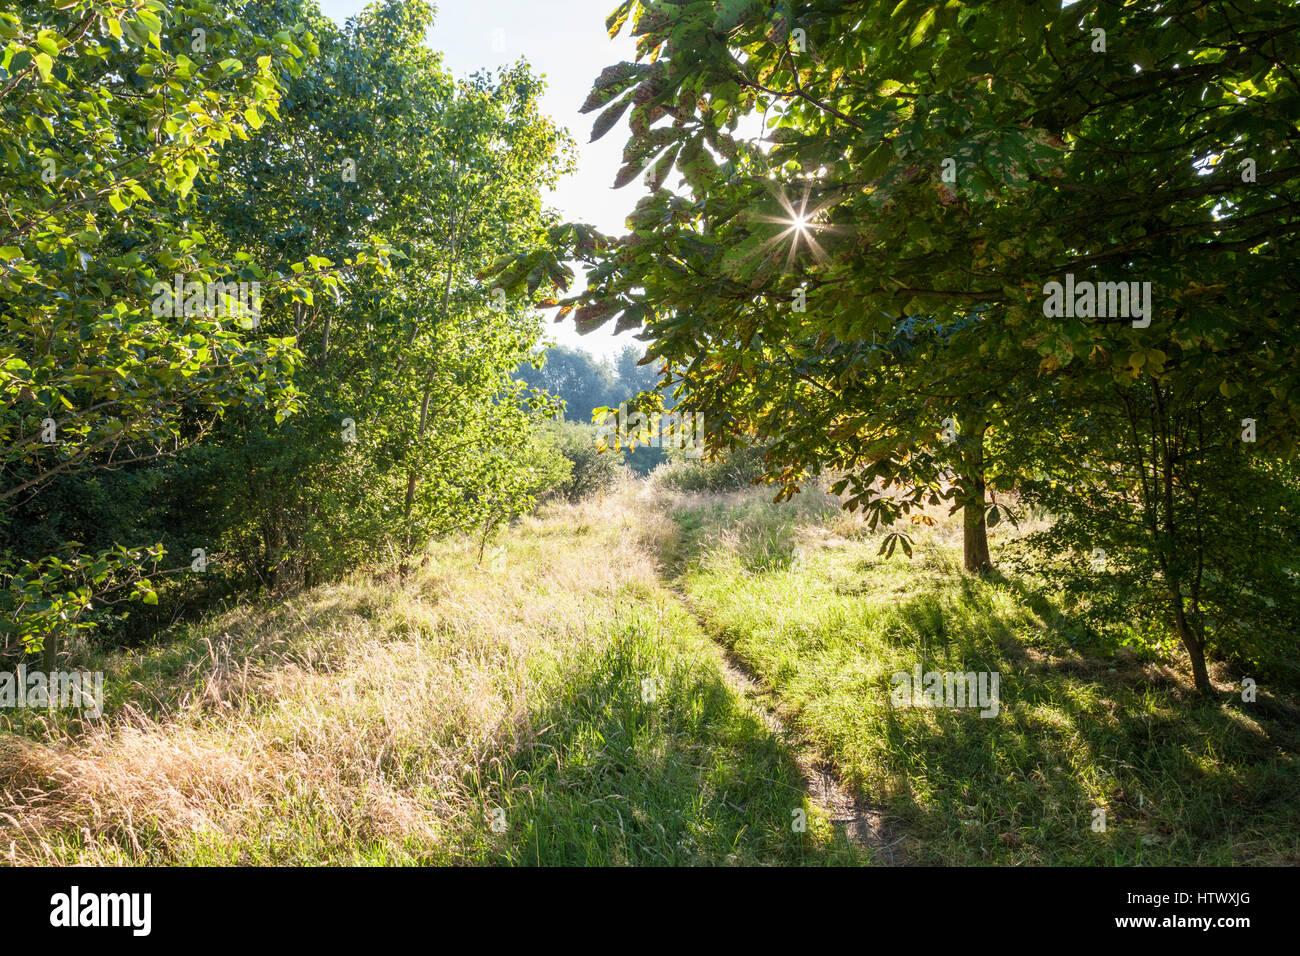 Sunlight shining through the trees, Nottinghamshire, England, UK - Stock Image